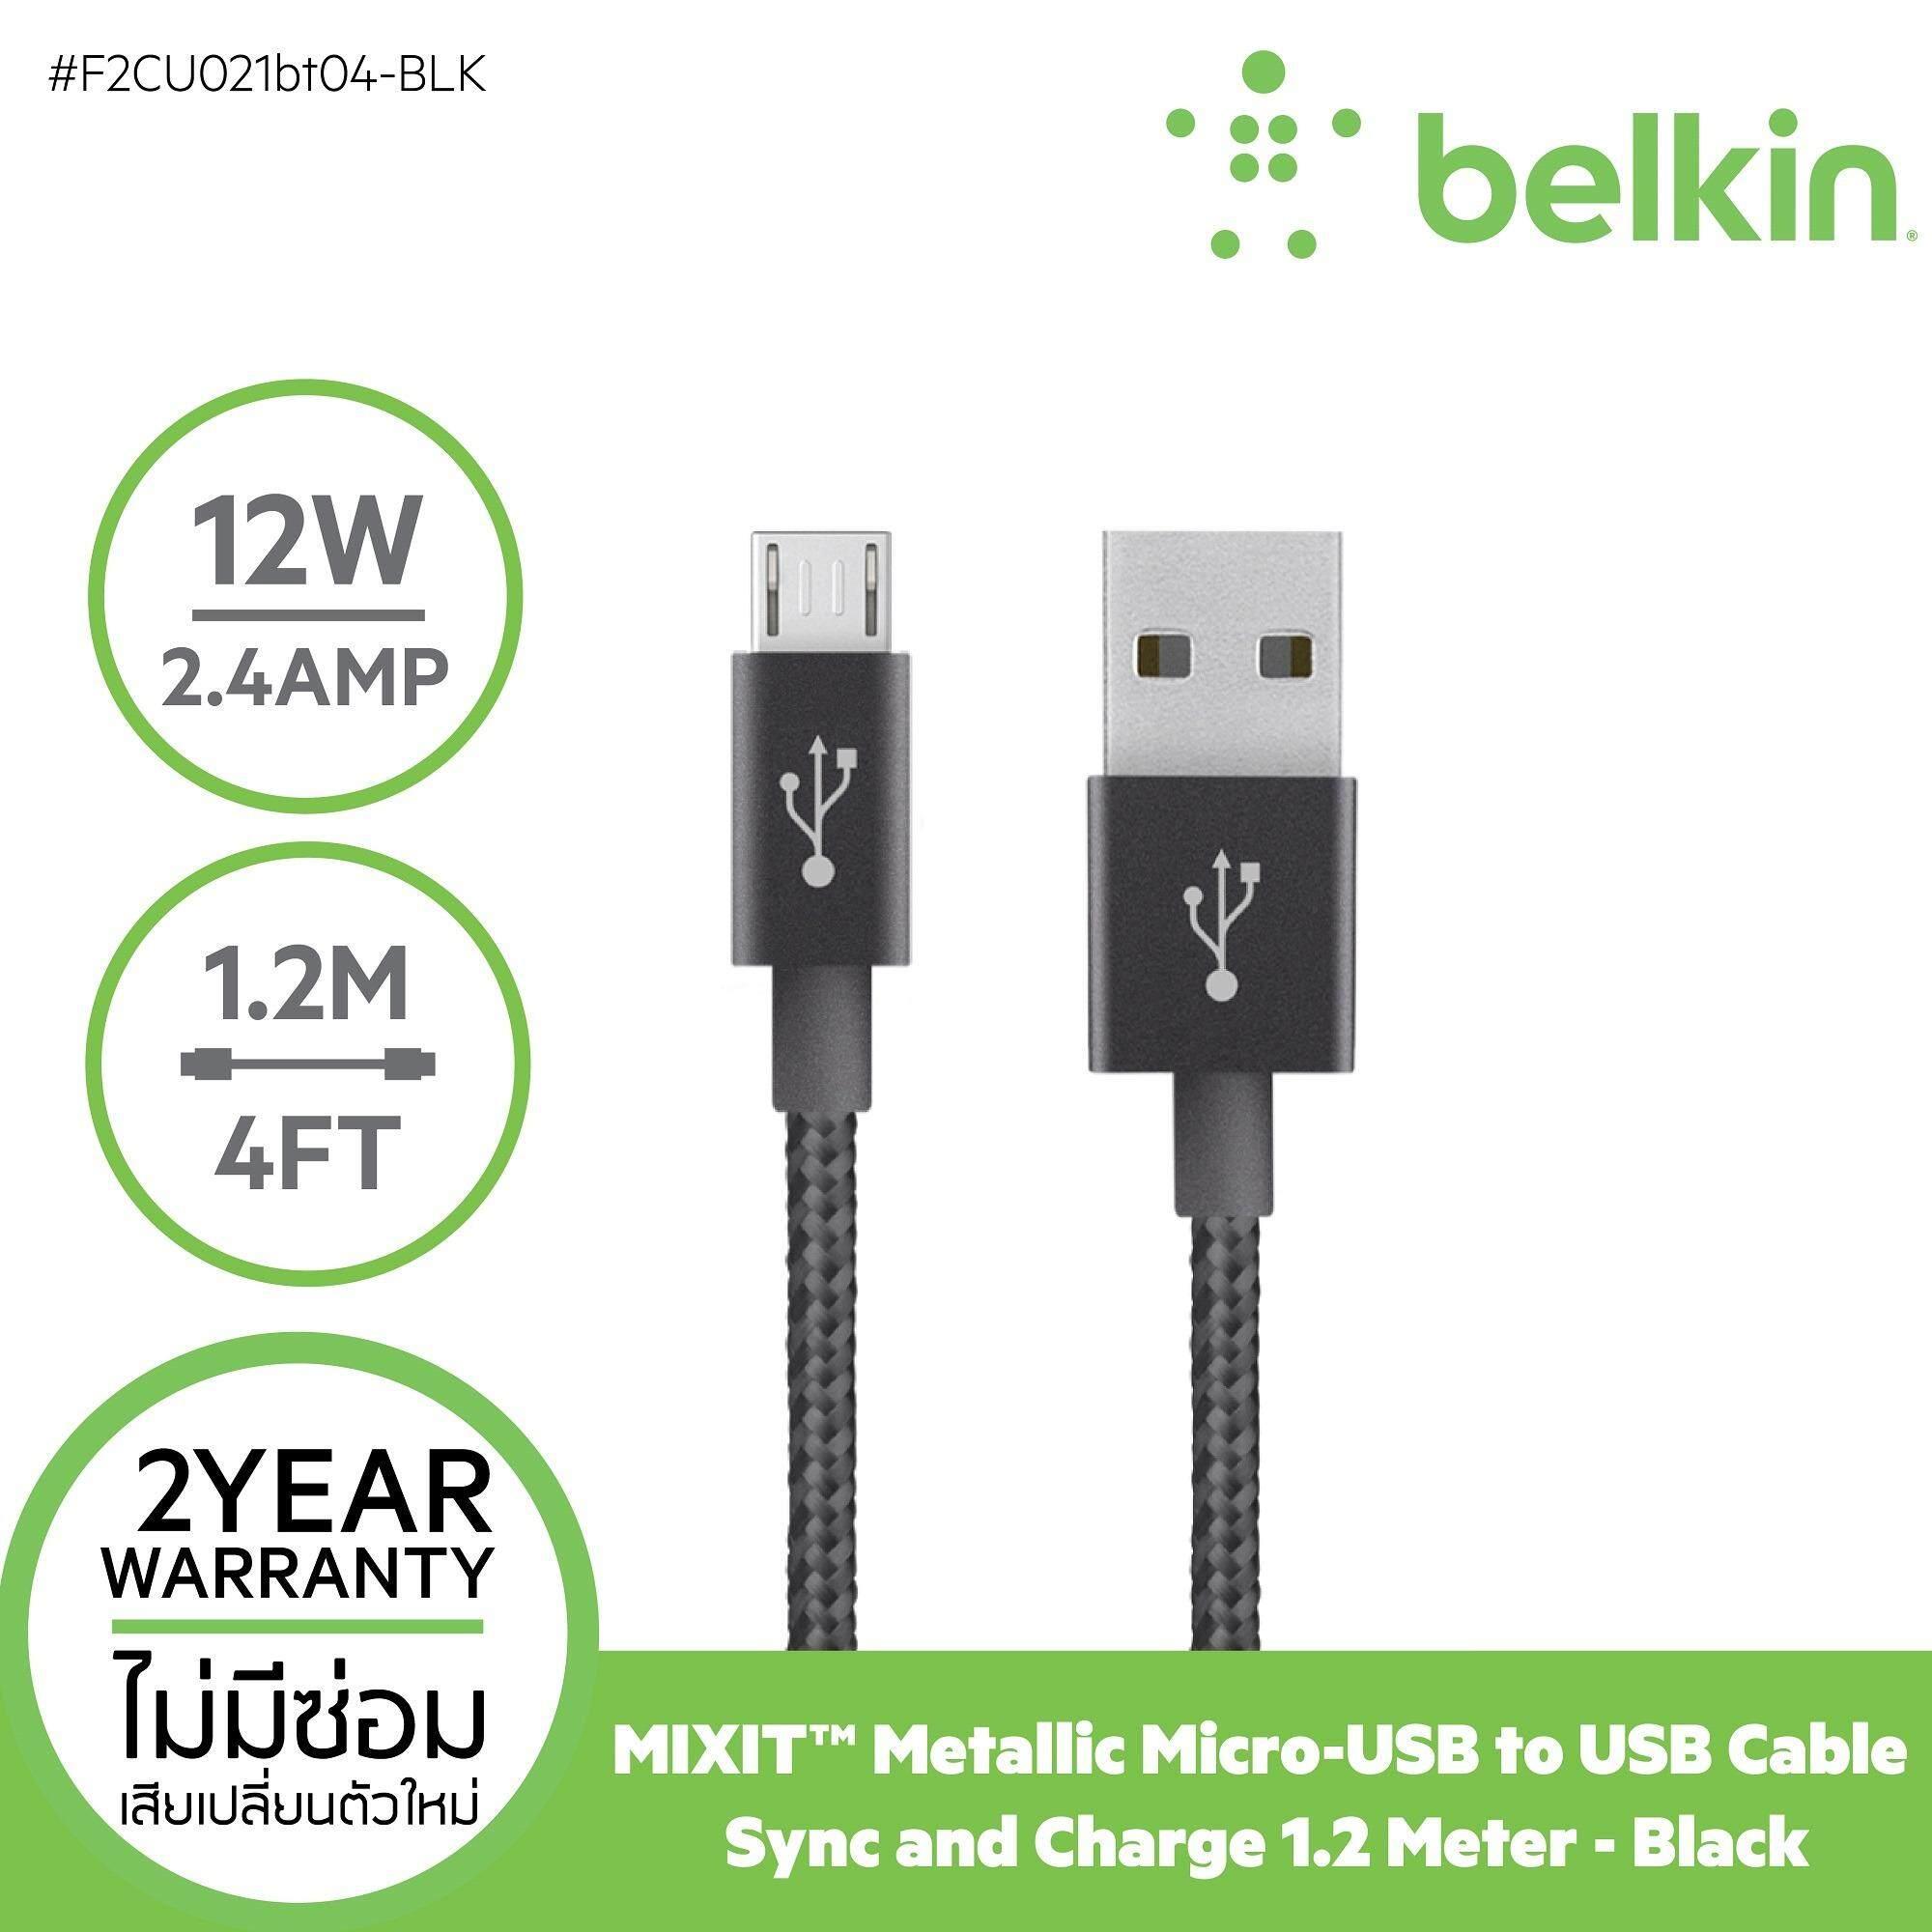 ซื้อ Belkin สายชาร์จ ไมโคร ยูเอสบี 1 2 เมตร สำหรับแอนดรอยด์ ซัมซุง แบตเตอรี่สำรอง สายถัก เบลคิน Belkin Mixit↑™ Metallic Micro Usb To Usb Cable Sync And Charge 1 2 Meter Black กรุงเทพมหานคร